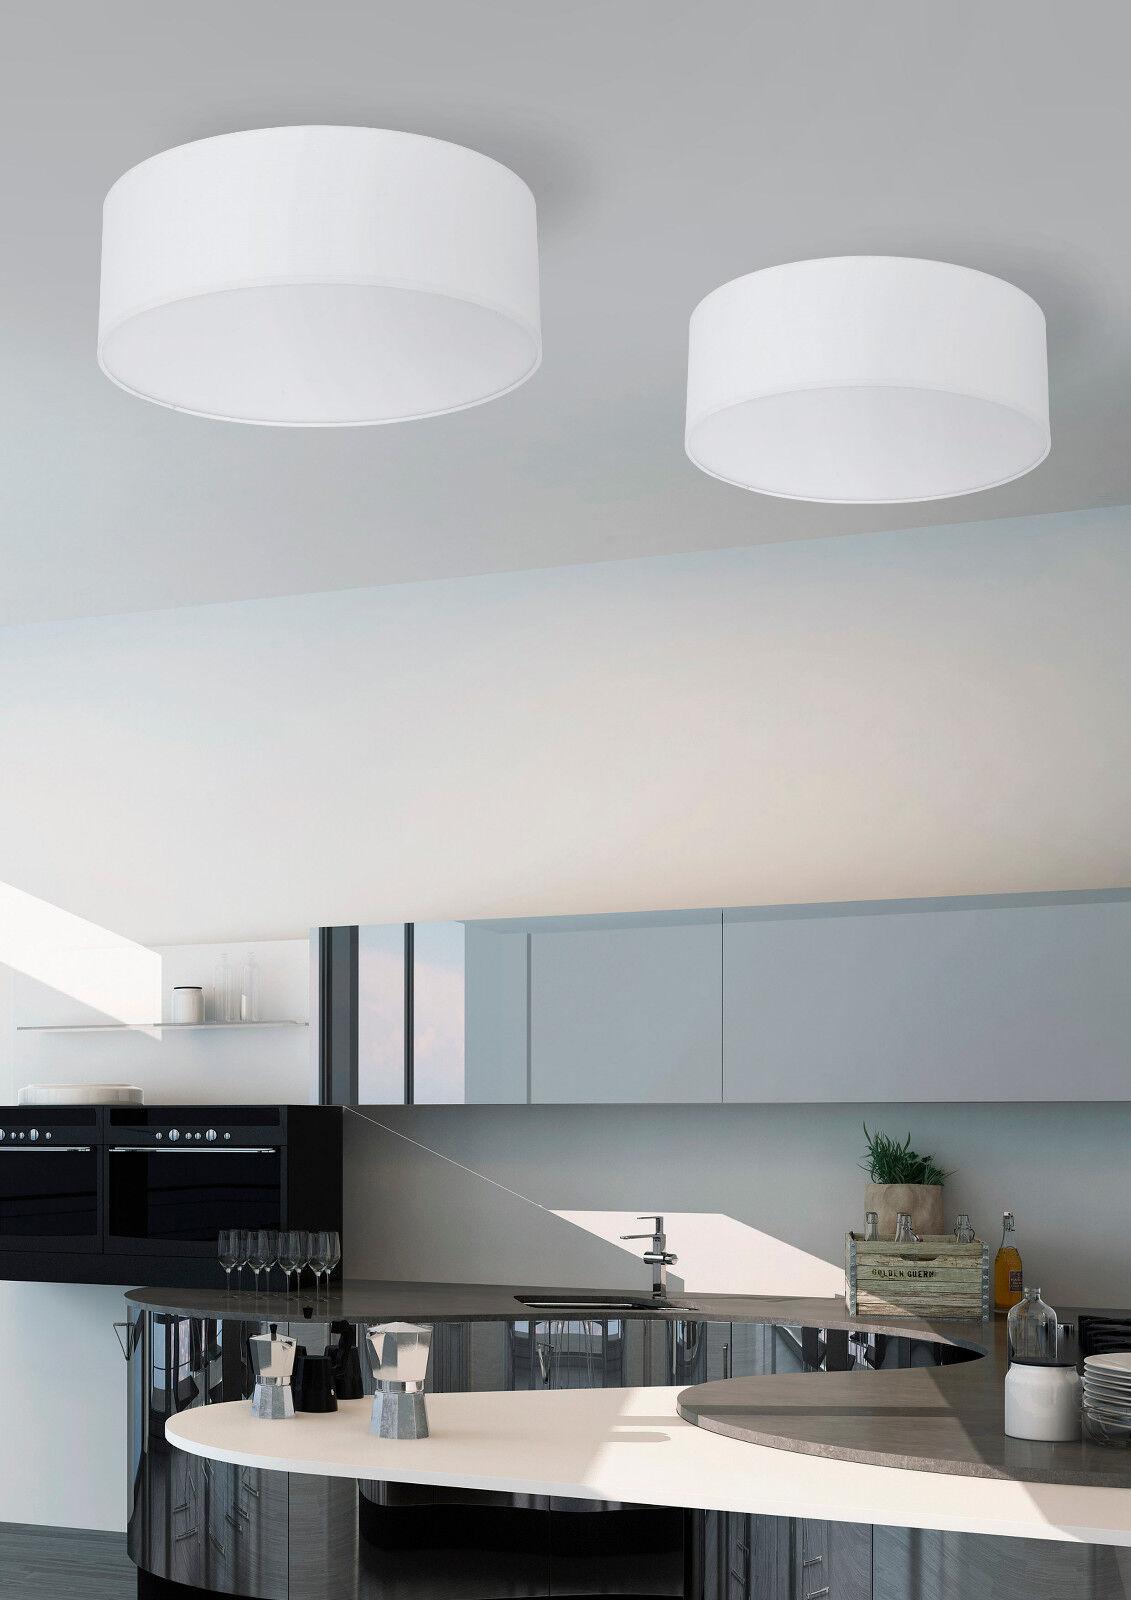 Deckenlampe Deckenleuchte LED Wohnzimmer E27 Kronleuchter weiß Lampe TKLighting®